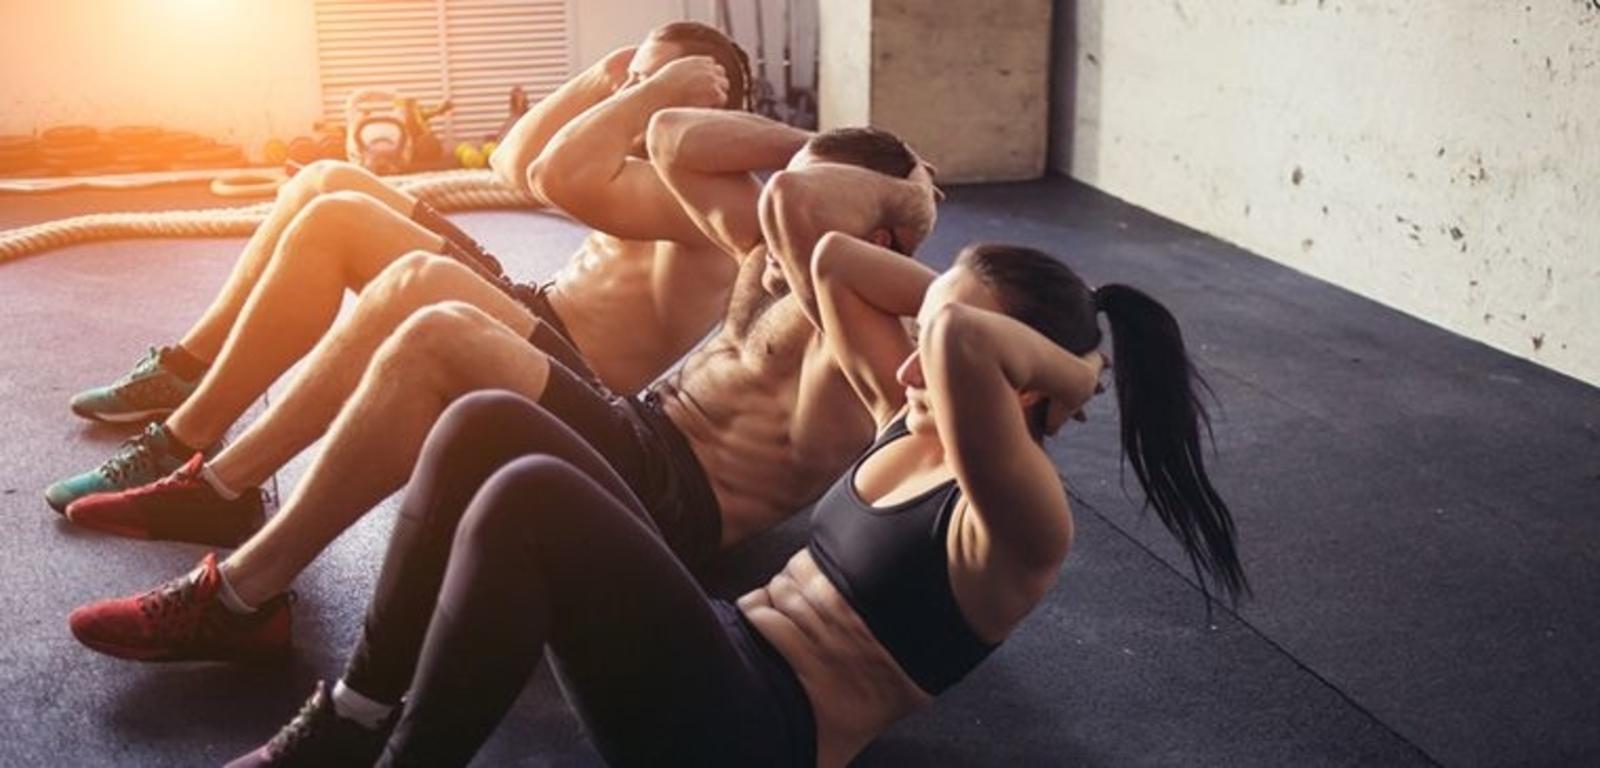 Los ejercicios que verdaderamente funcionan para tener un abdomen marcado